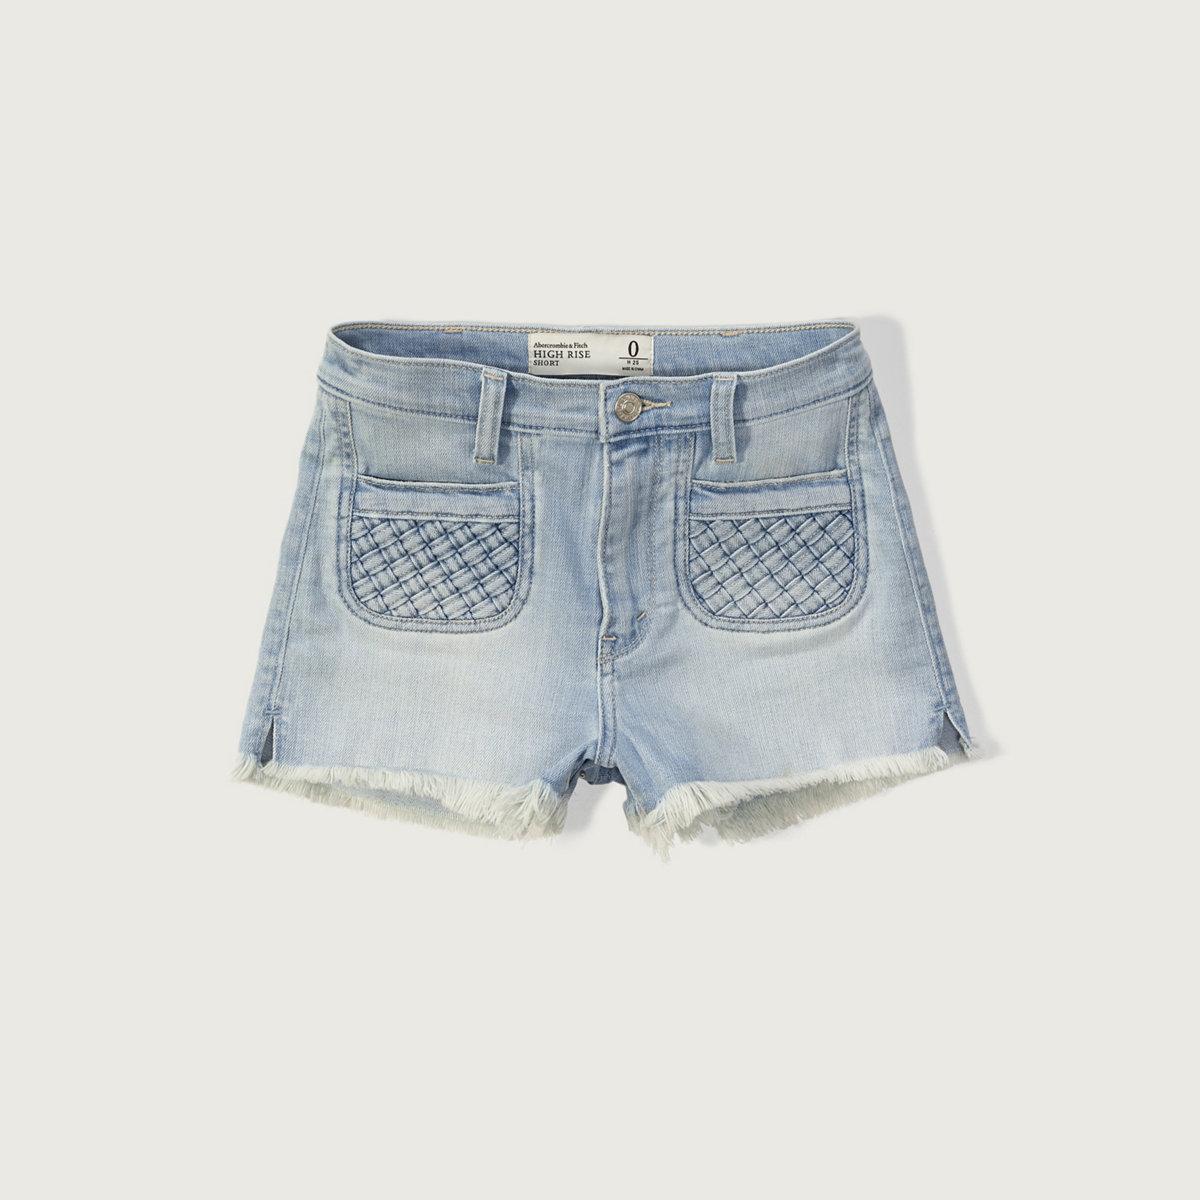 High Rise 2 Inch Denim Shorts